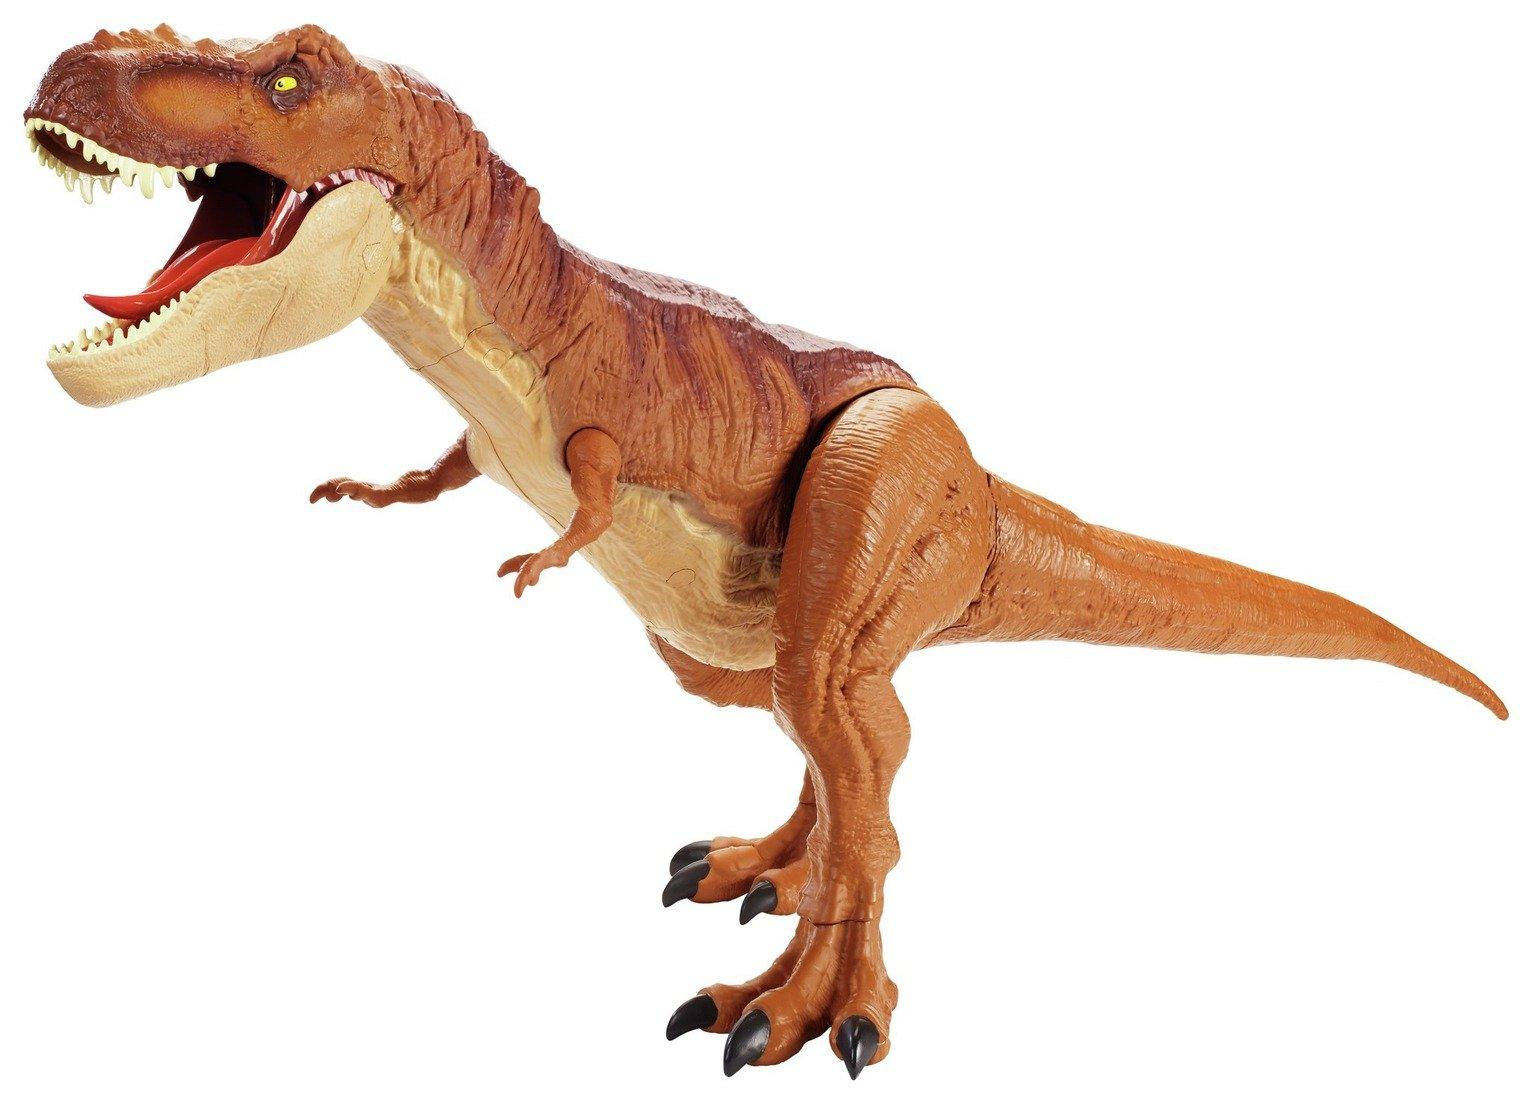 JURASSIC WORLD BATTAGLIA danni a ruggire SUPER colossale Tyrannosaurus Rex